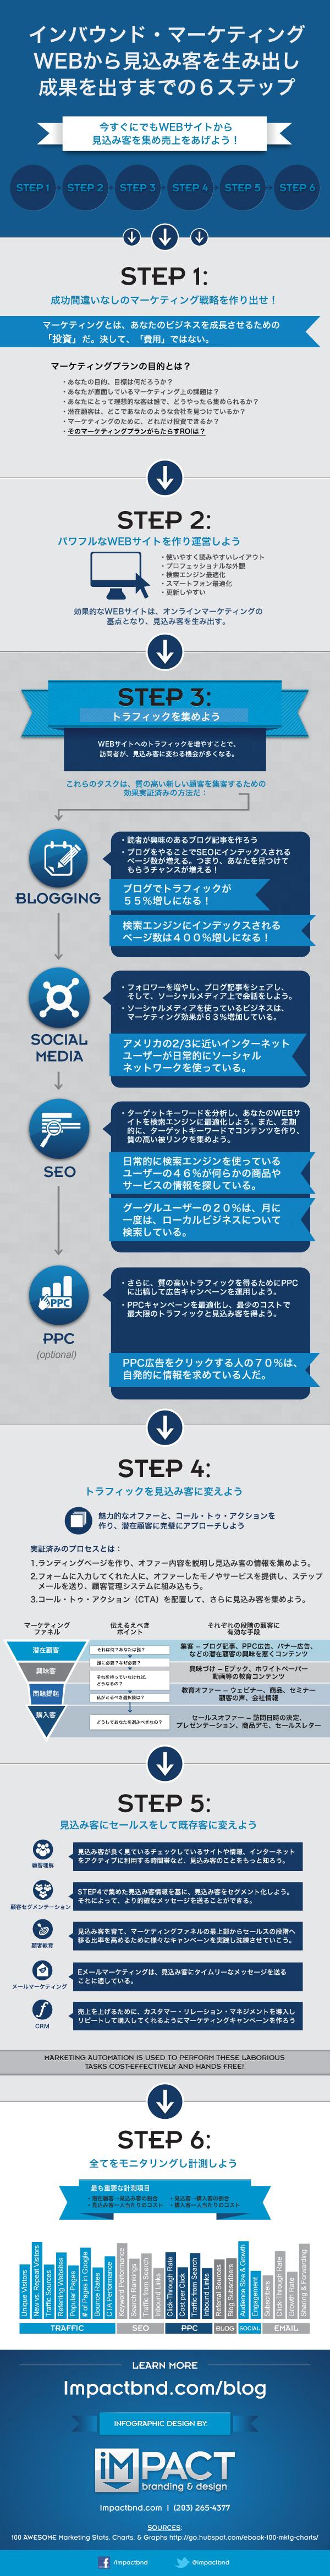 短期間で効果を上げるインバウンド・マーケティングの手順書を表すインフォグラフィック